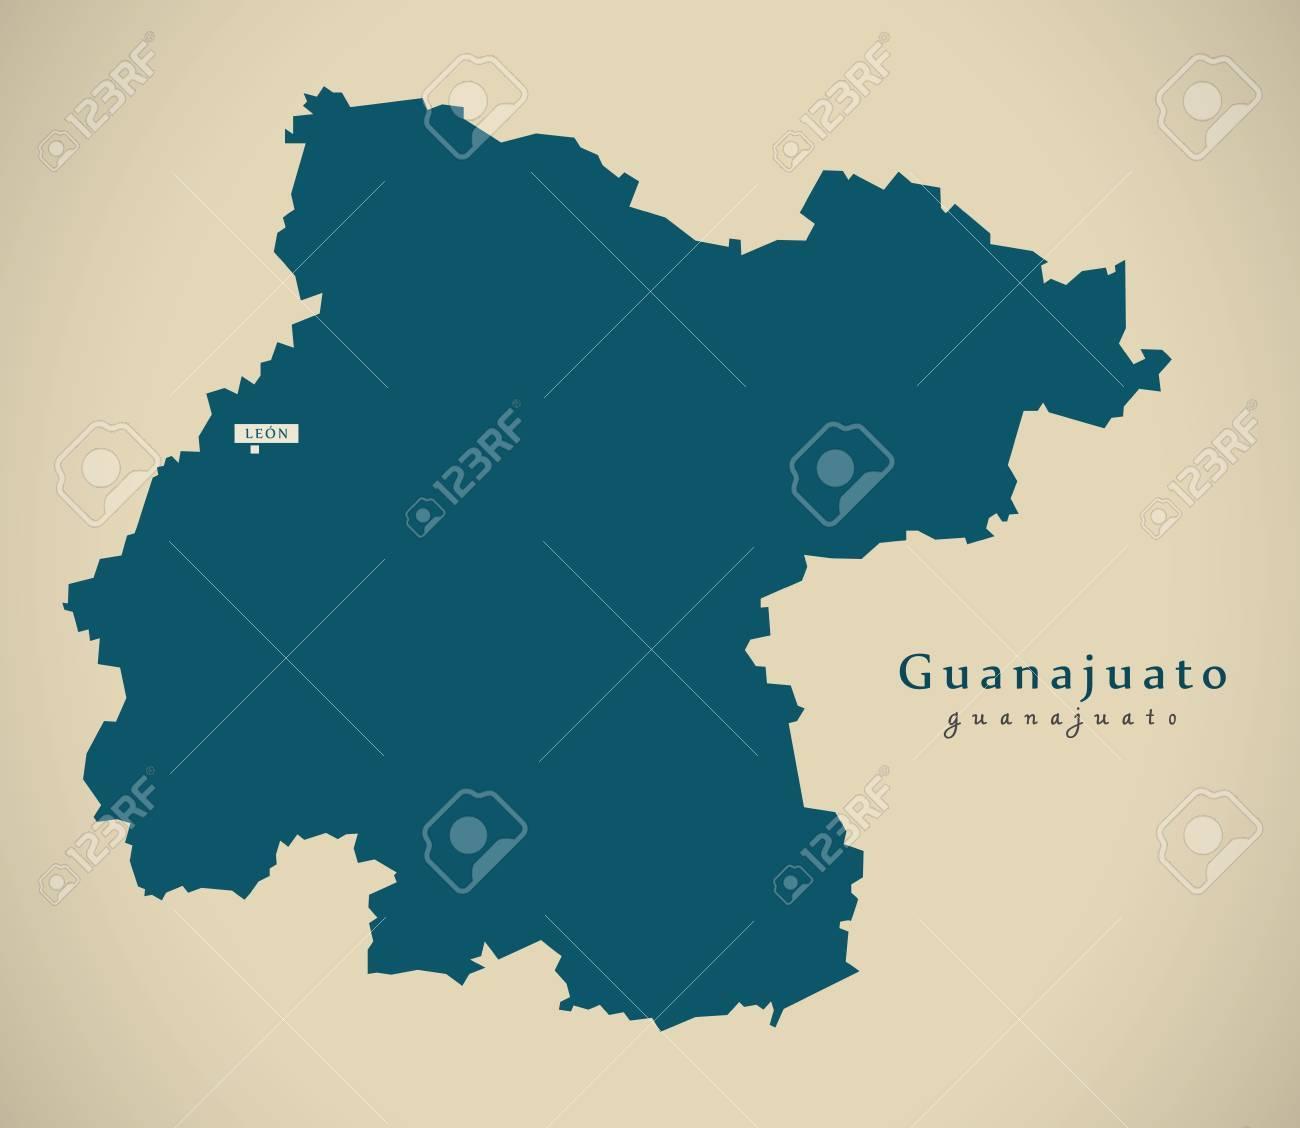 Mexico Map Guanajuato.Modern Map Guanajuato Mexico Mx Illustration Stock Photo Picture